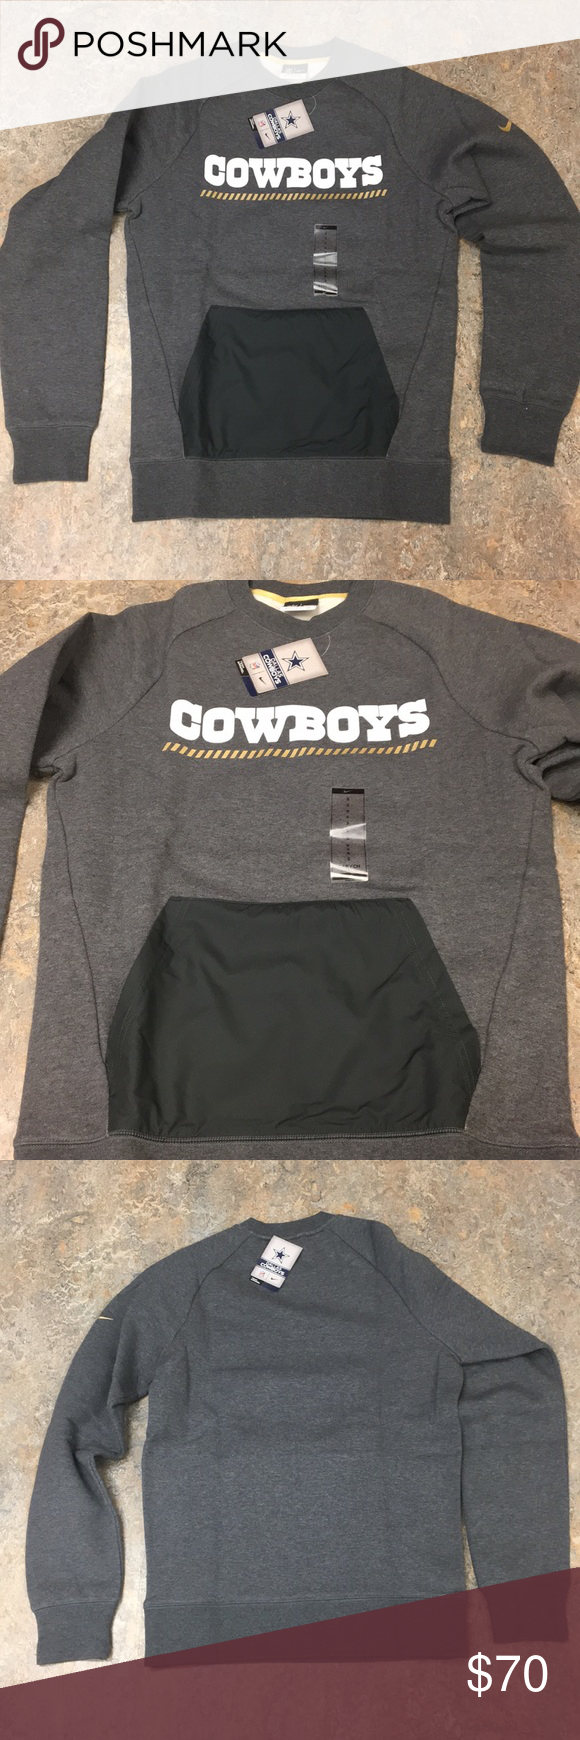 Dallas Cowboys Nike Men S Crew Sweatshirt Small Sweatshirts Nike Men Crew Sweatshirts [ 1740 x 580 Pixel ]